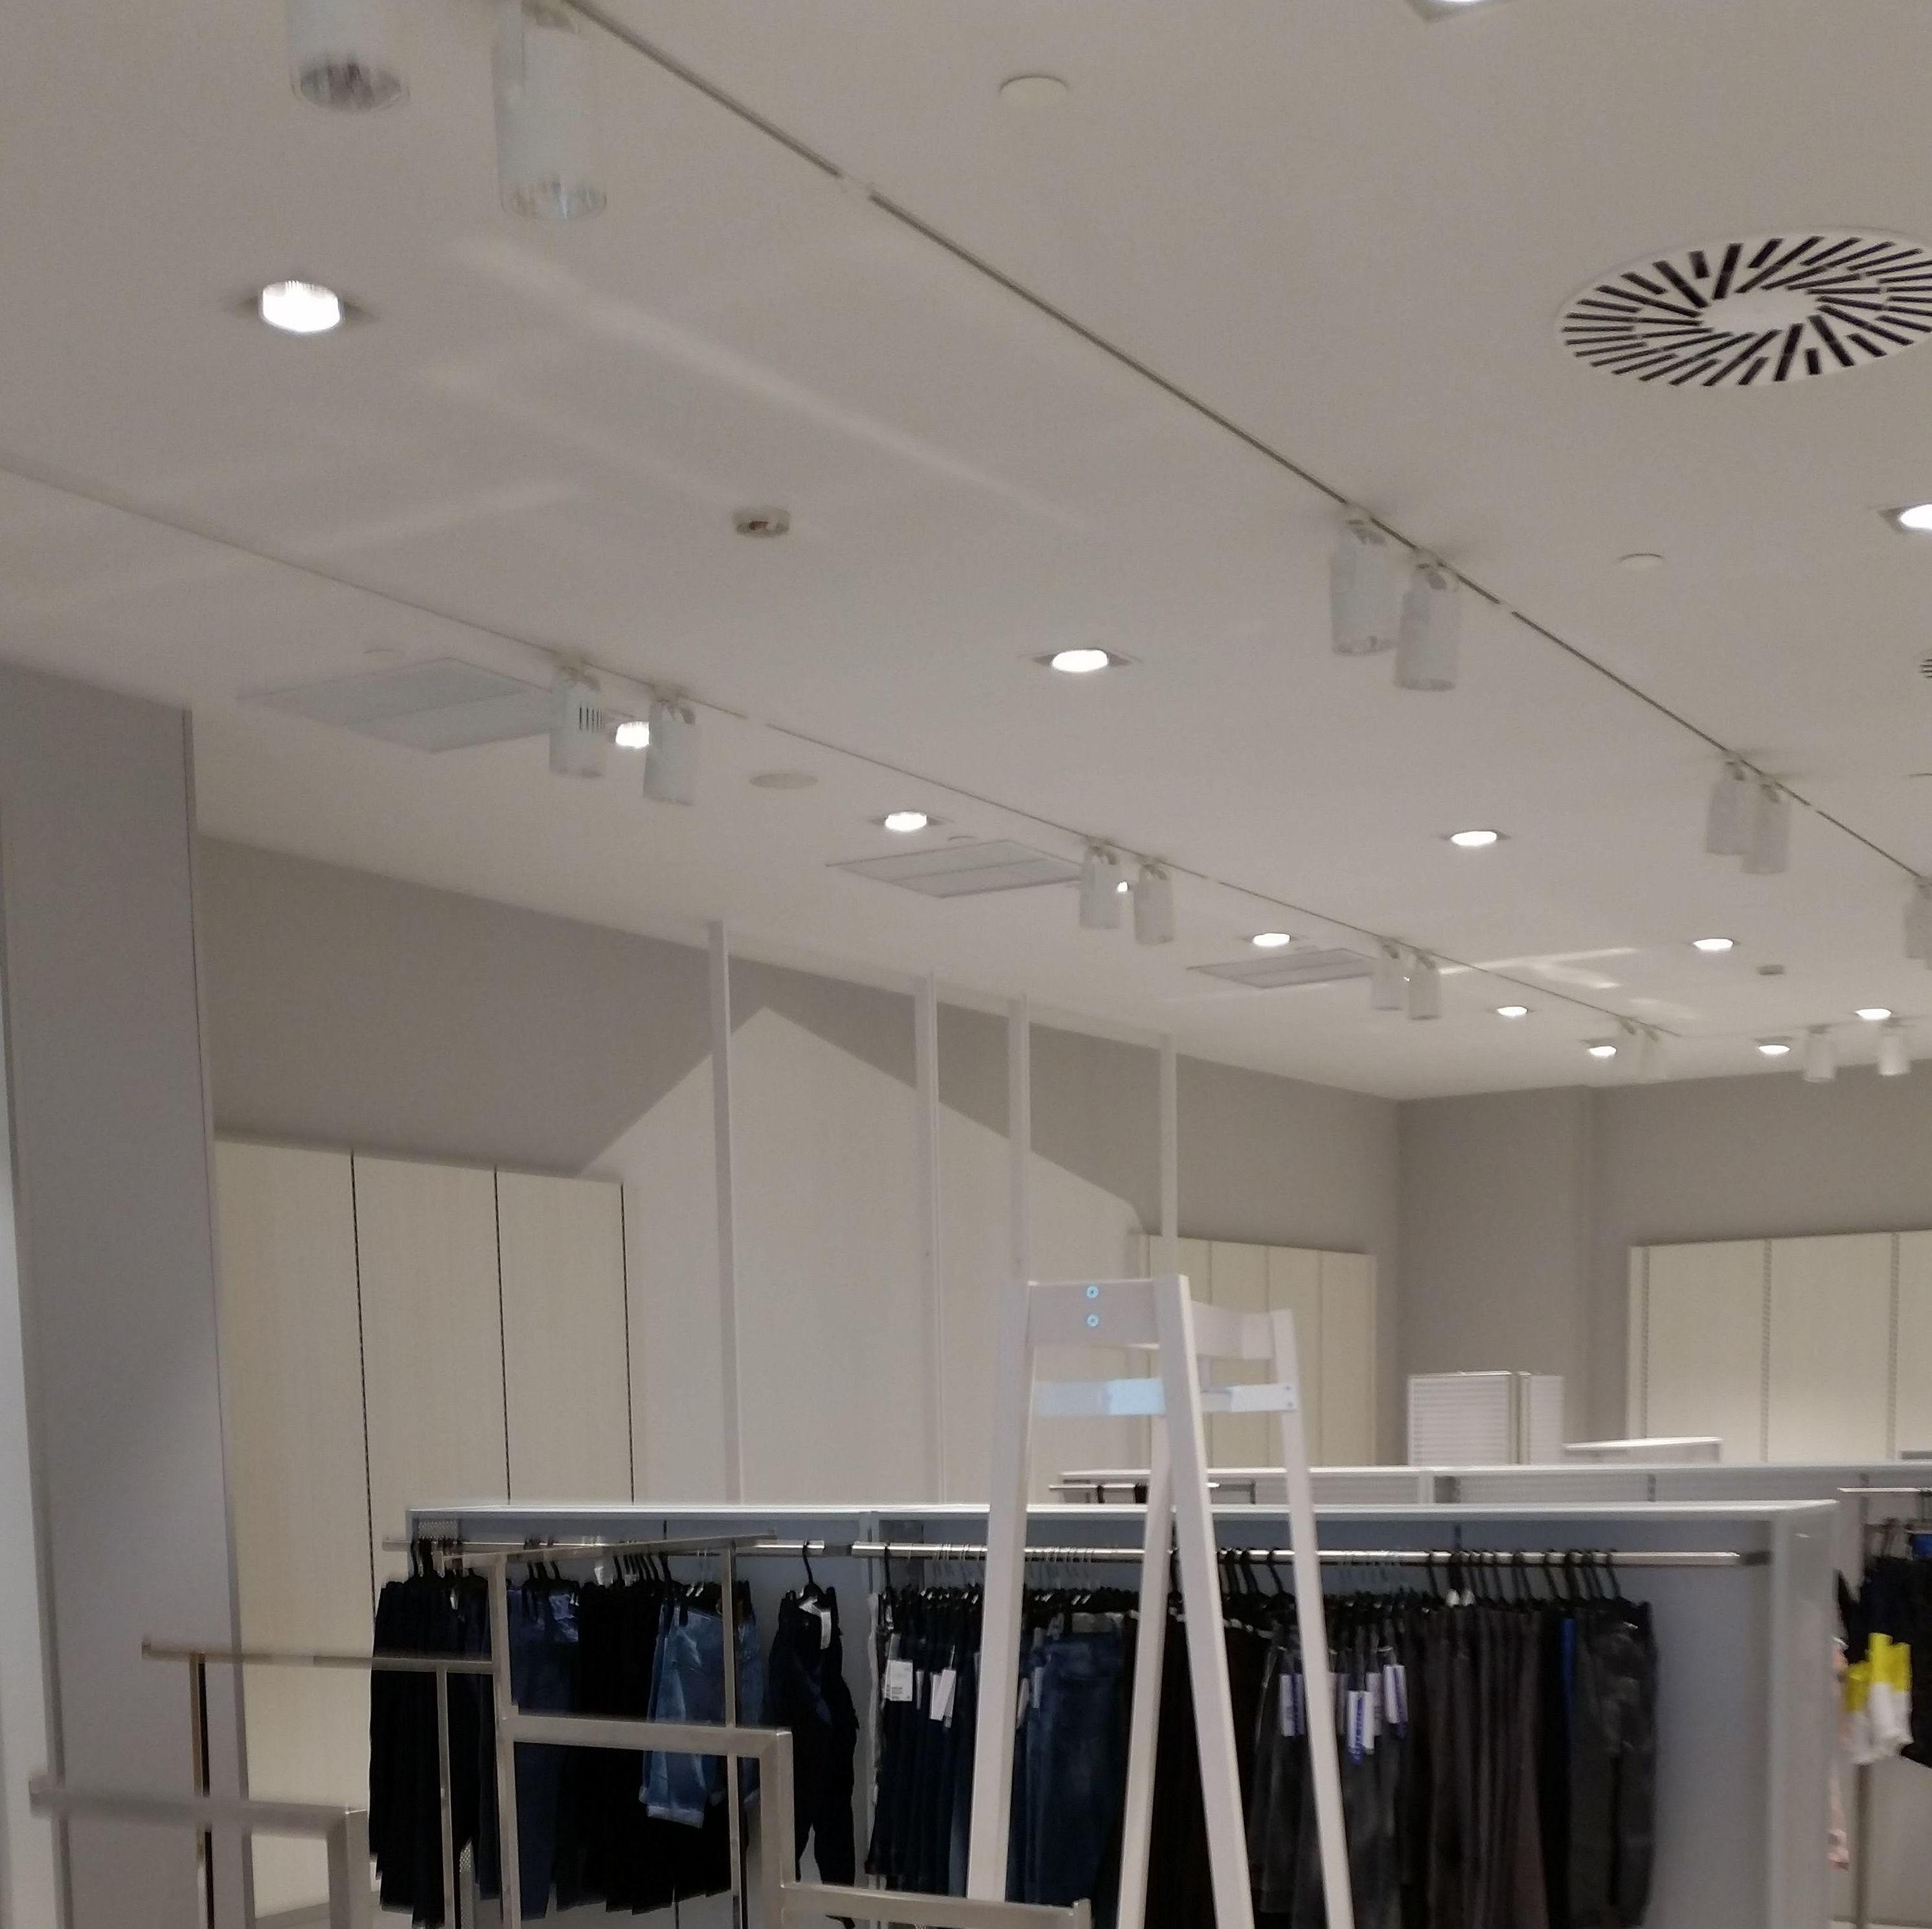 Tiendas, locales comerciales, hoteles: Servicios de Jorge Pinturak Margoak S.L.U.